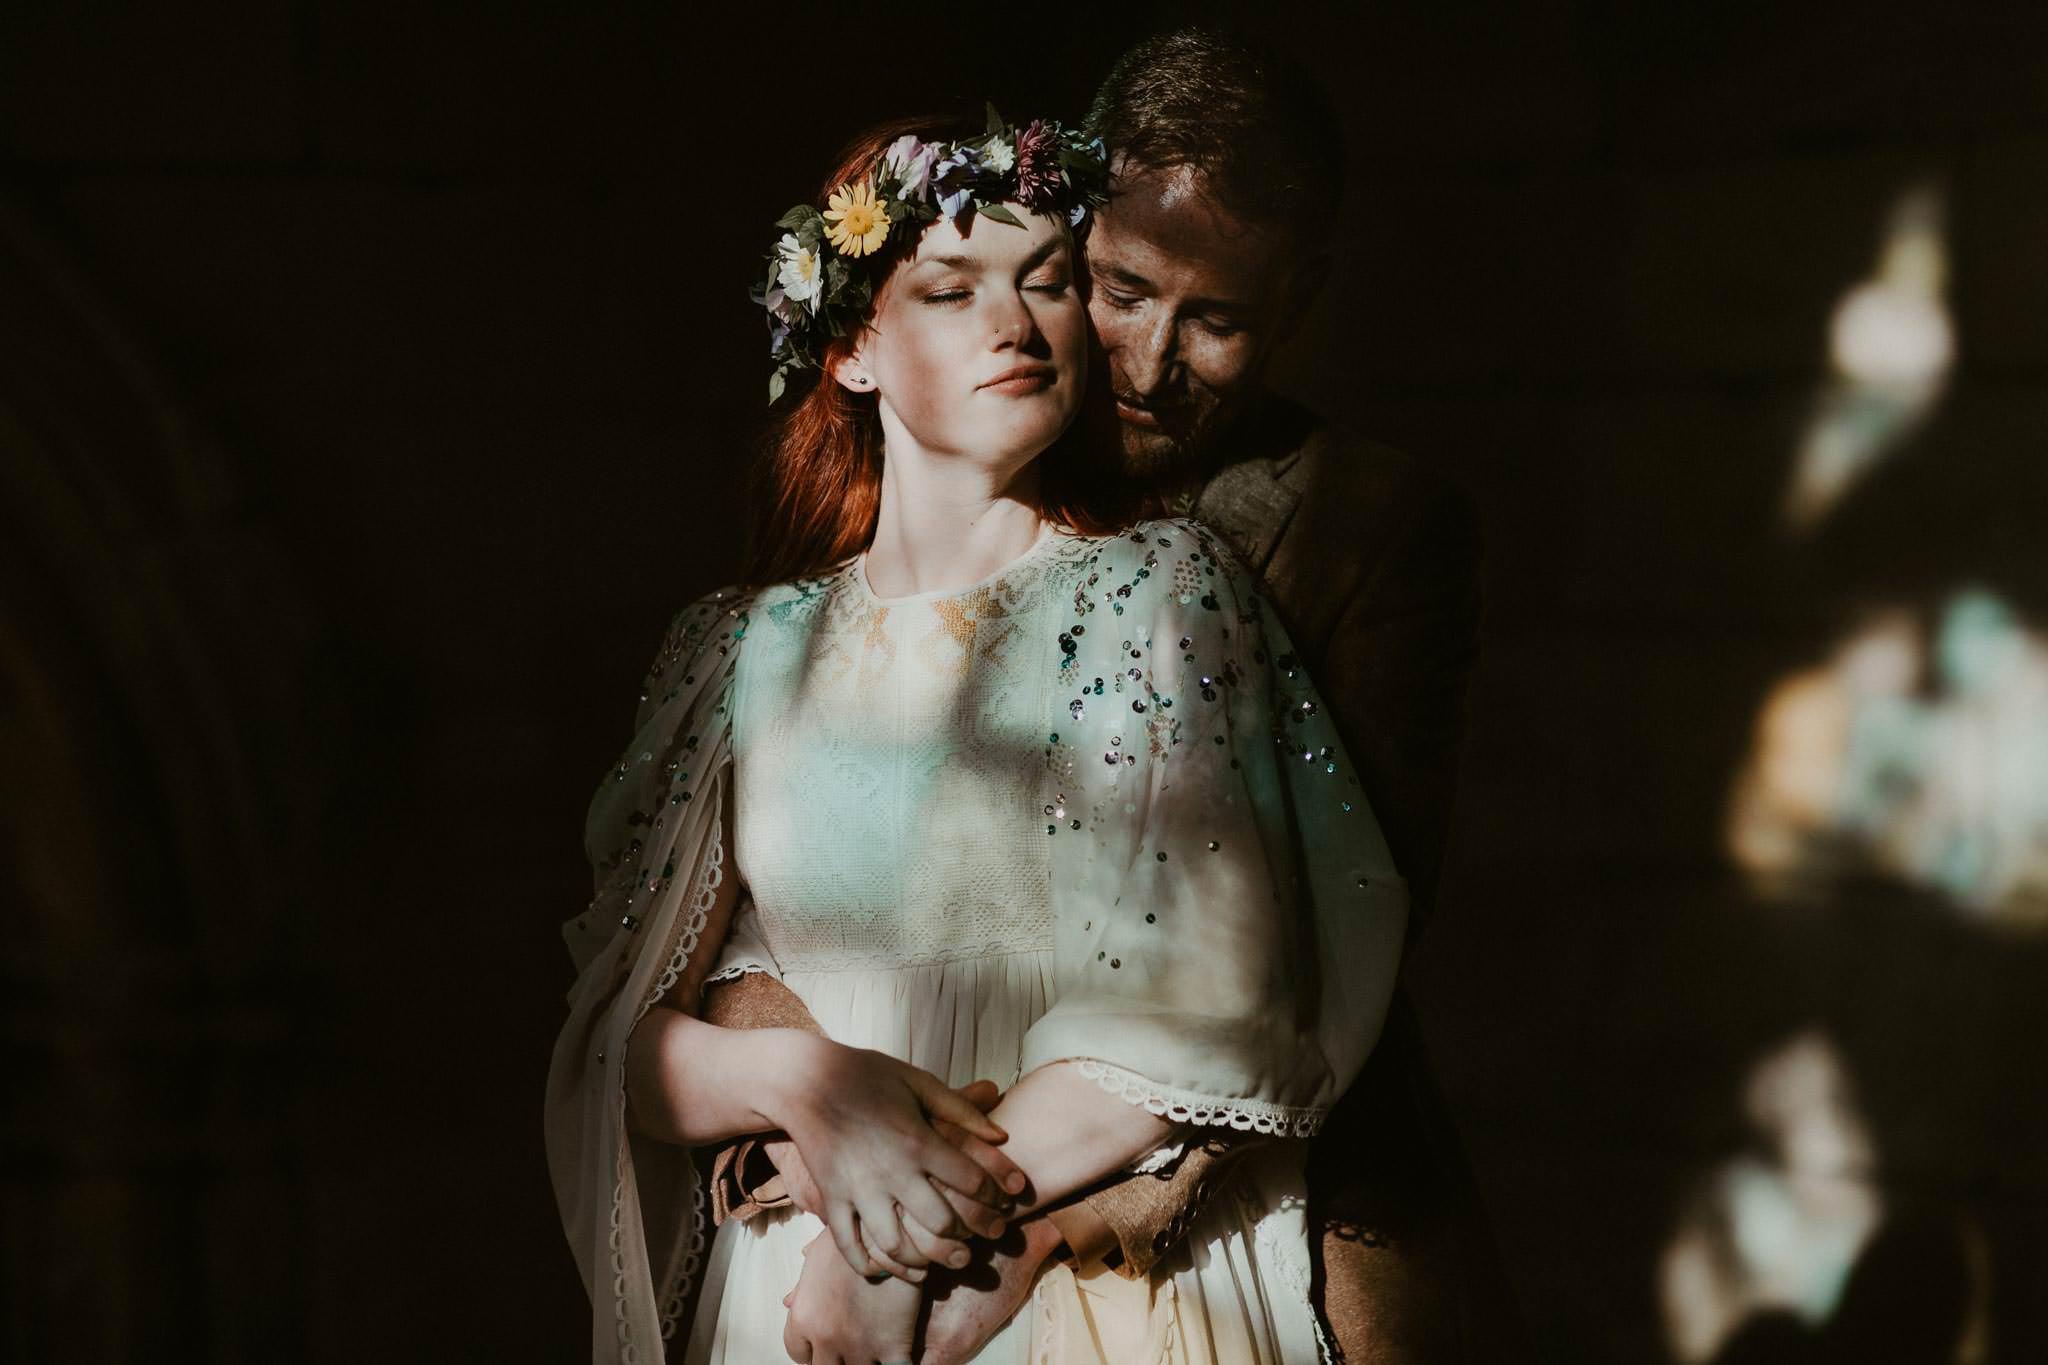 scottish-wedding-photography-096